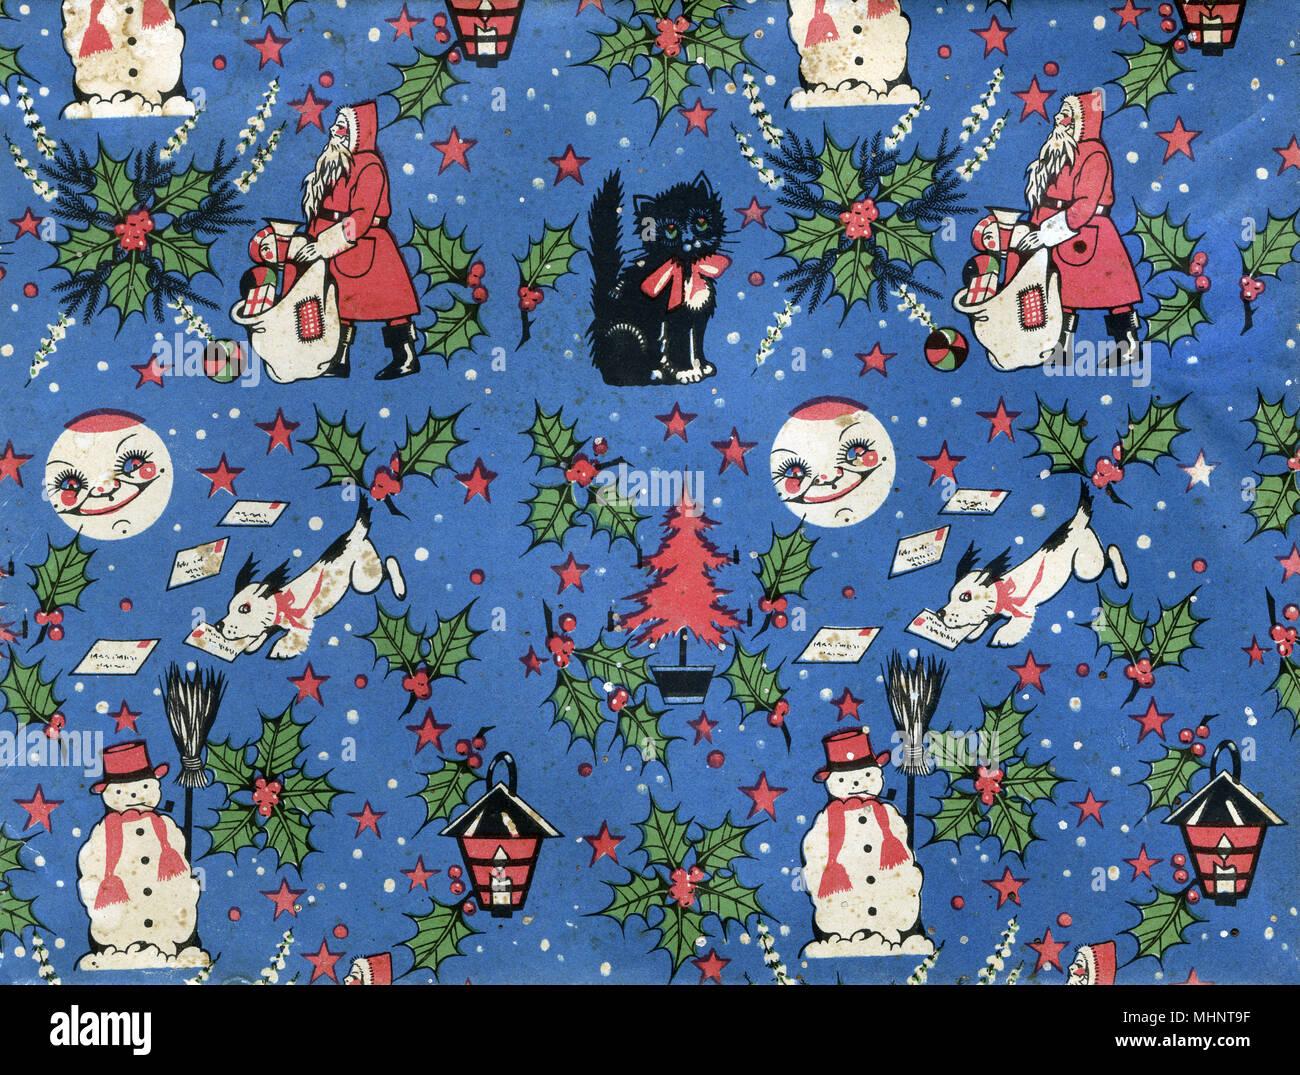 0a5b714cd1d12 Vintage Retro Navidad papel de embalaje patrón repetitivo - con Papá Noel  entregando regalos